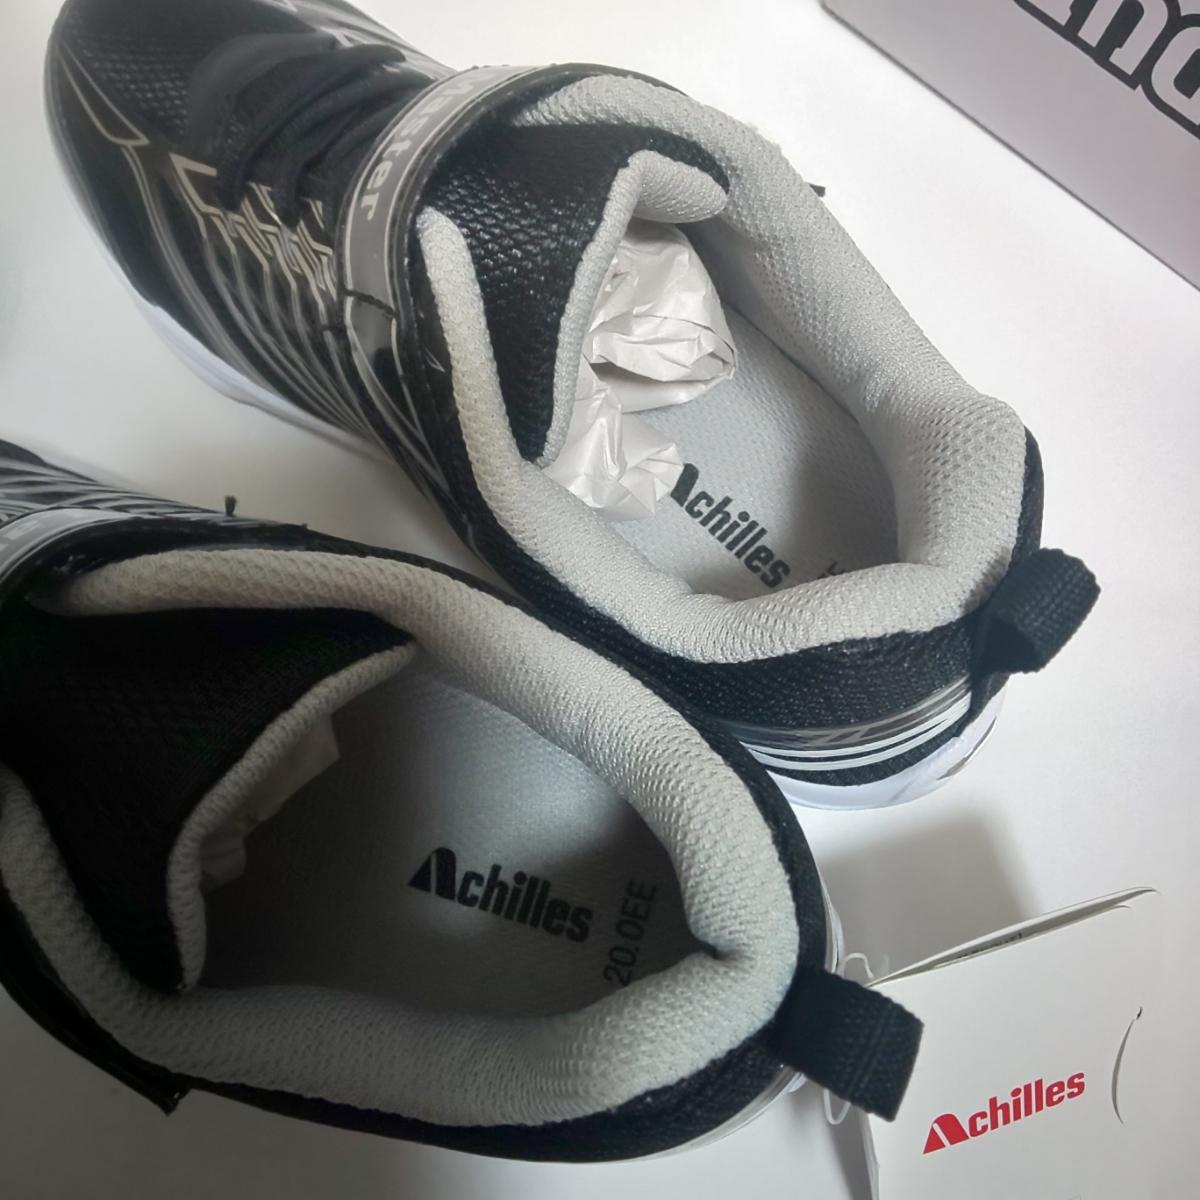 新品 Achilles ランドマスター 男の子 スニーカー 20cm アキレス 運動靴_画像5